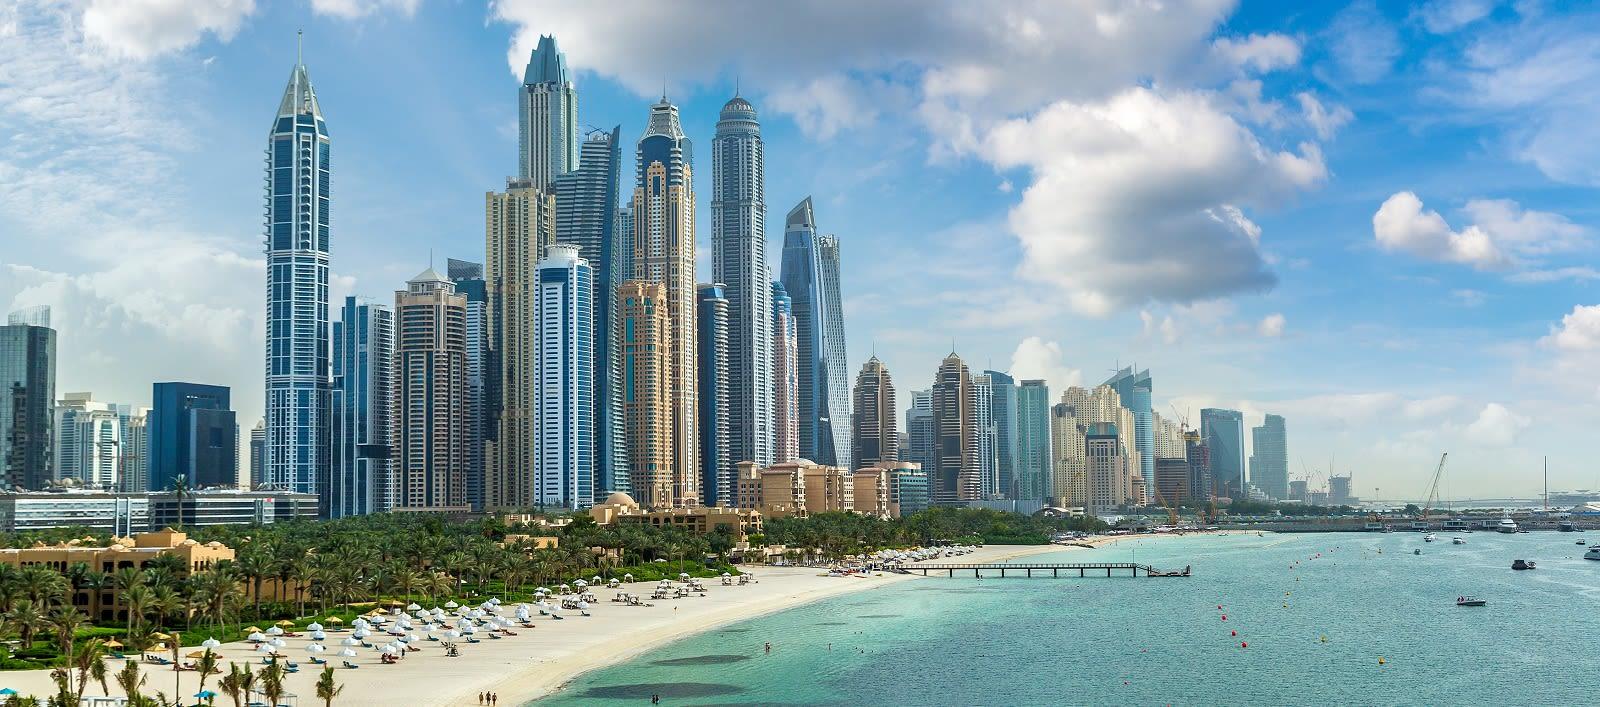 Enchanting Travels UAE Tours Dubai Marina in a summer day, United Arab Emirates